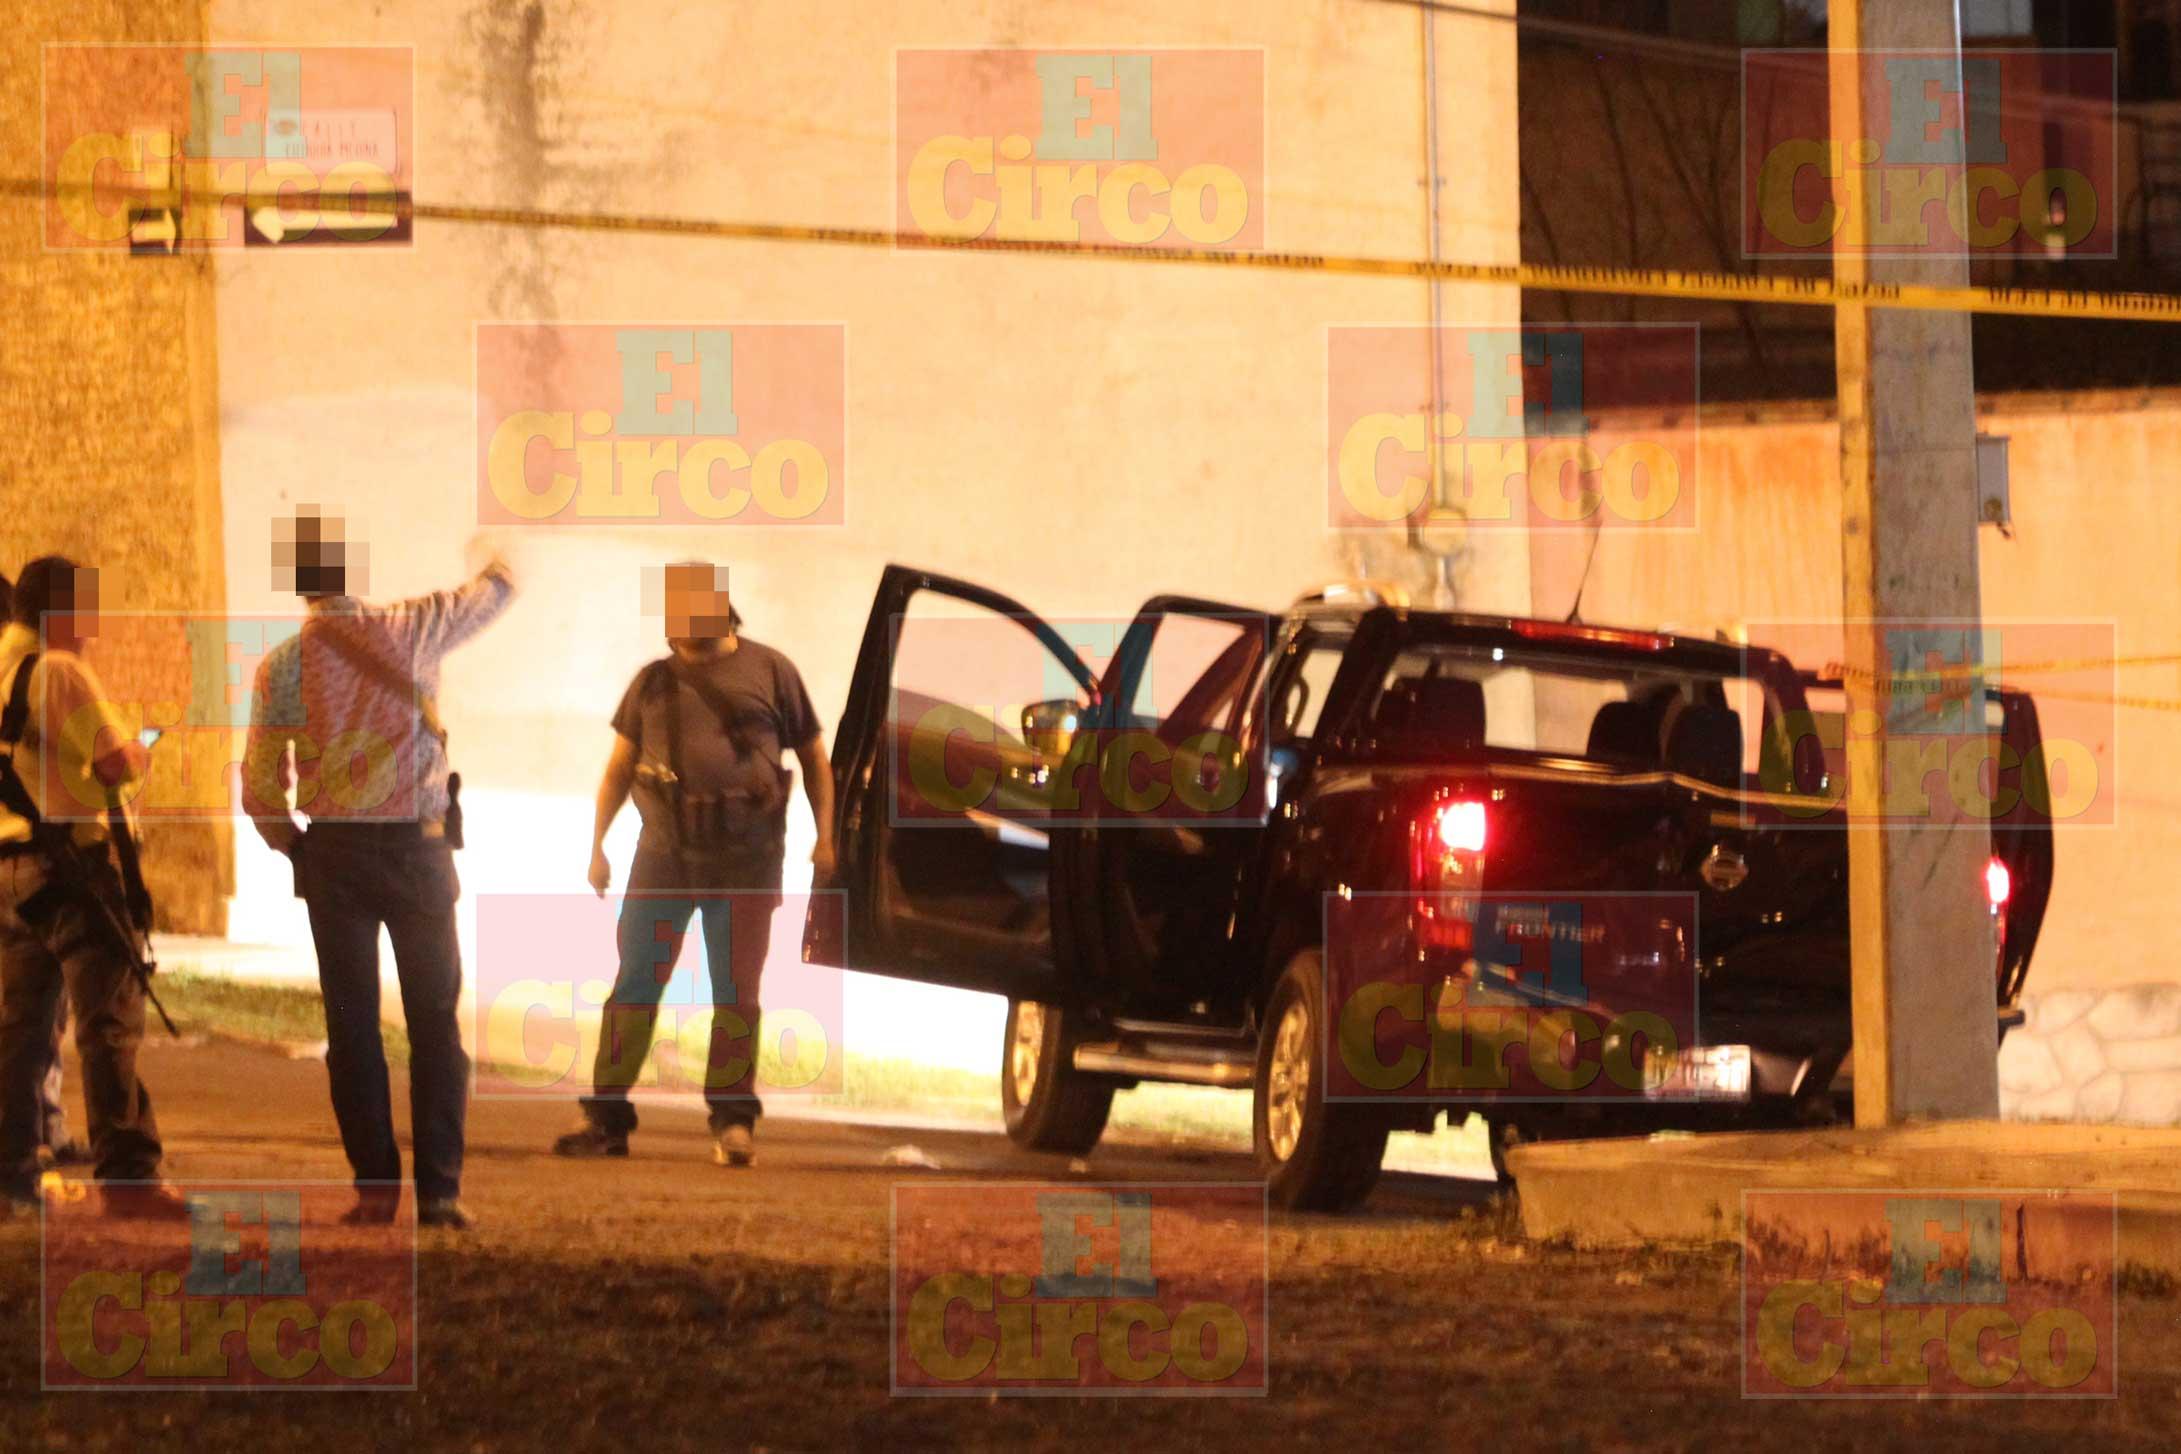 ¡En Hombre fue asesinado a balazos en Lagos de Moreno por un altercado vial!